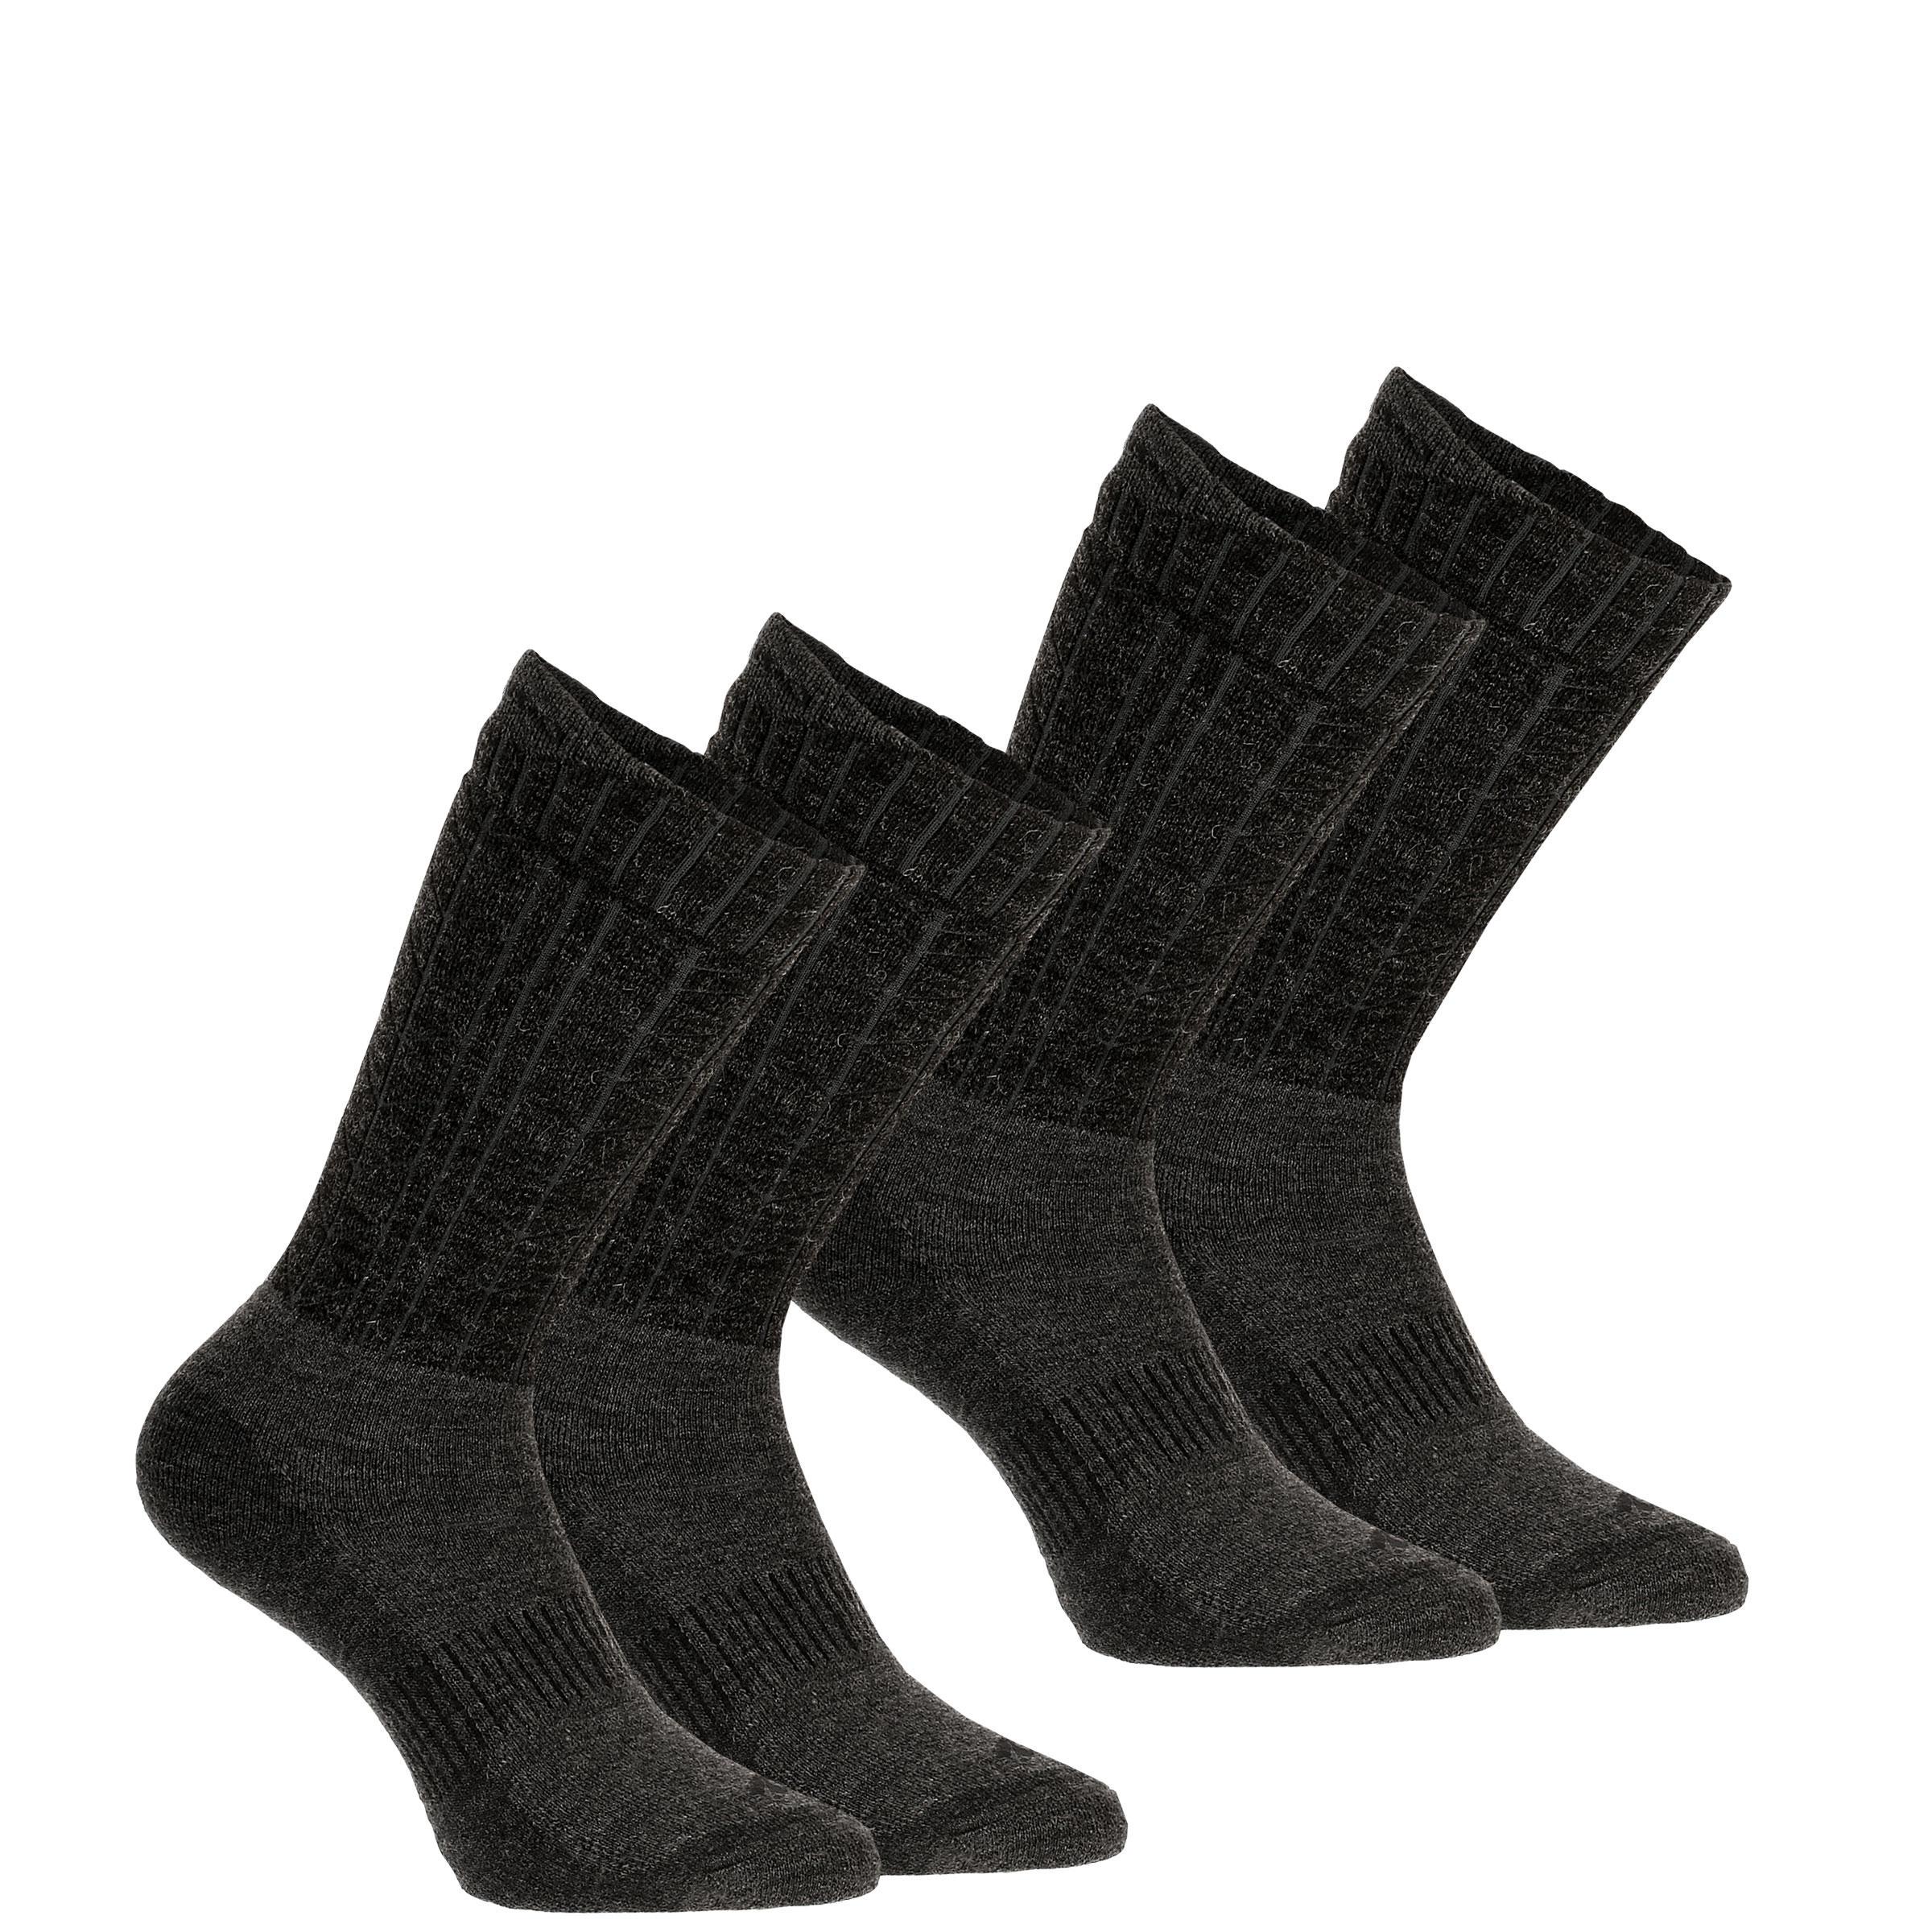 SH500 Ultra-warm Mid Adult Snow Hiking Socks - Black.